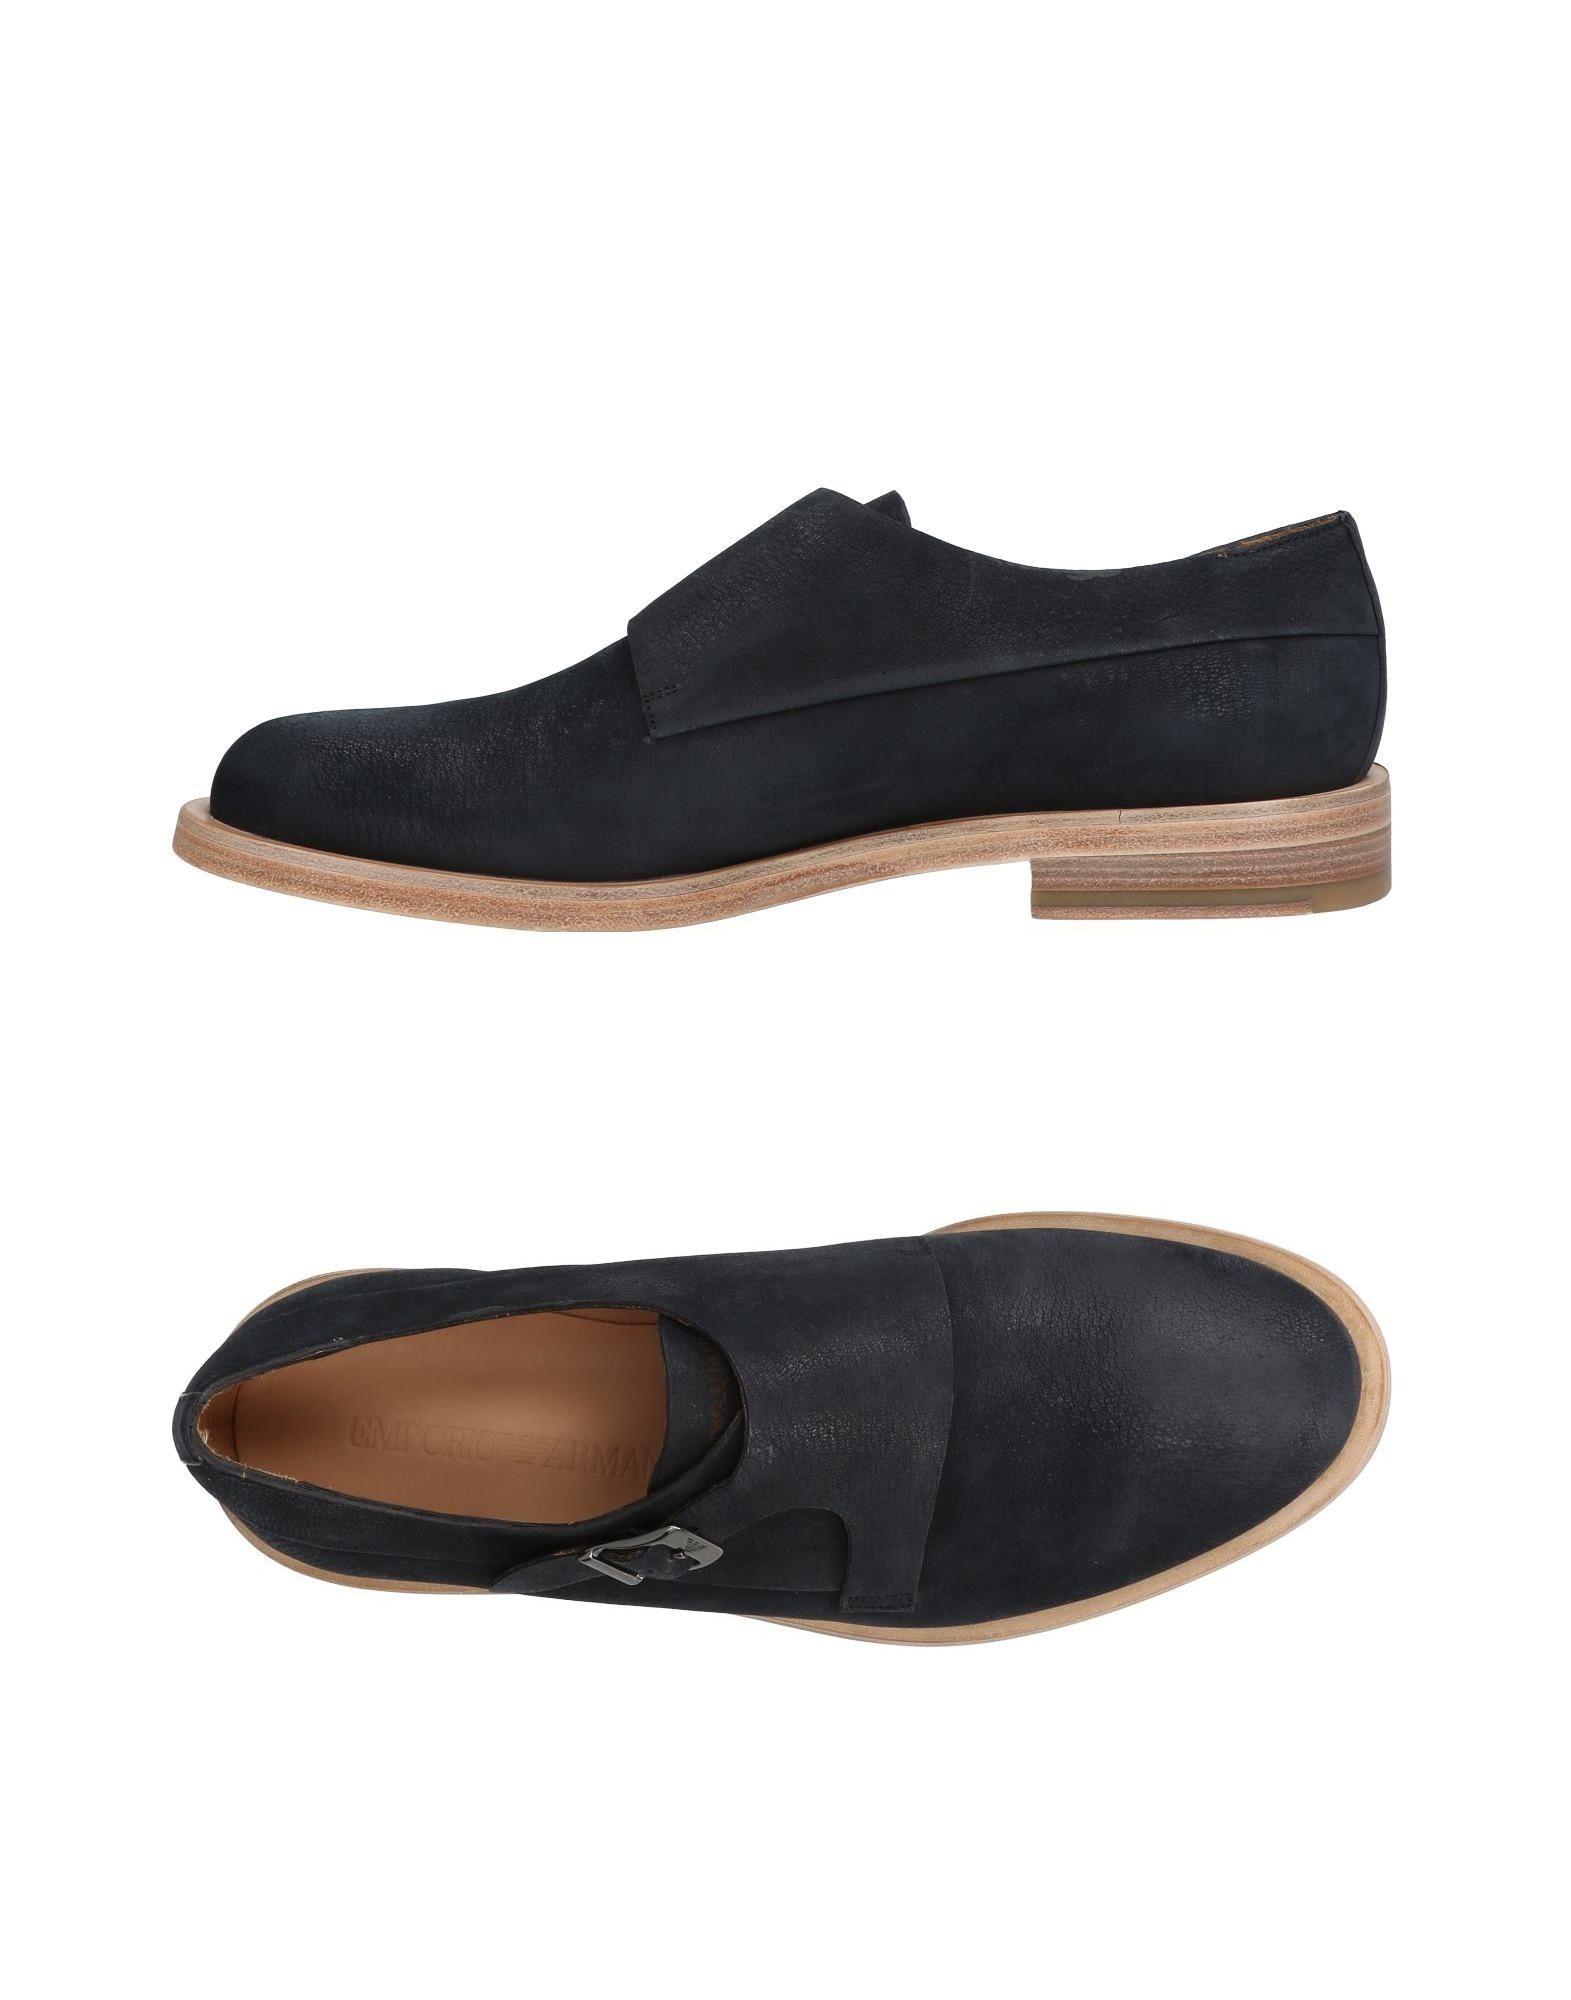 Emporio Armani Mokassins Herren  Schuhe 11423456LR Gute Qualität beliebte Schuhe  0946a5